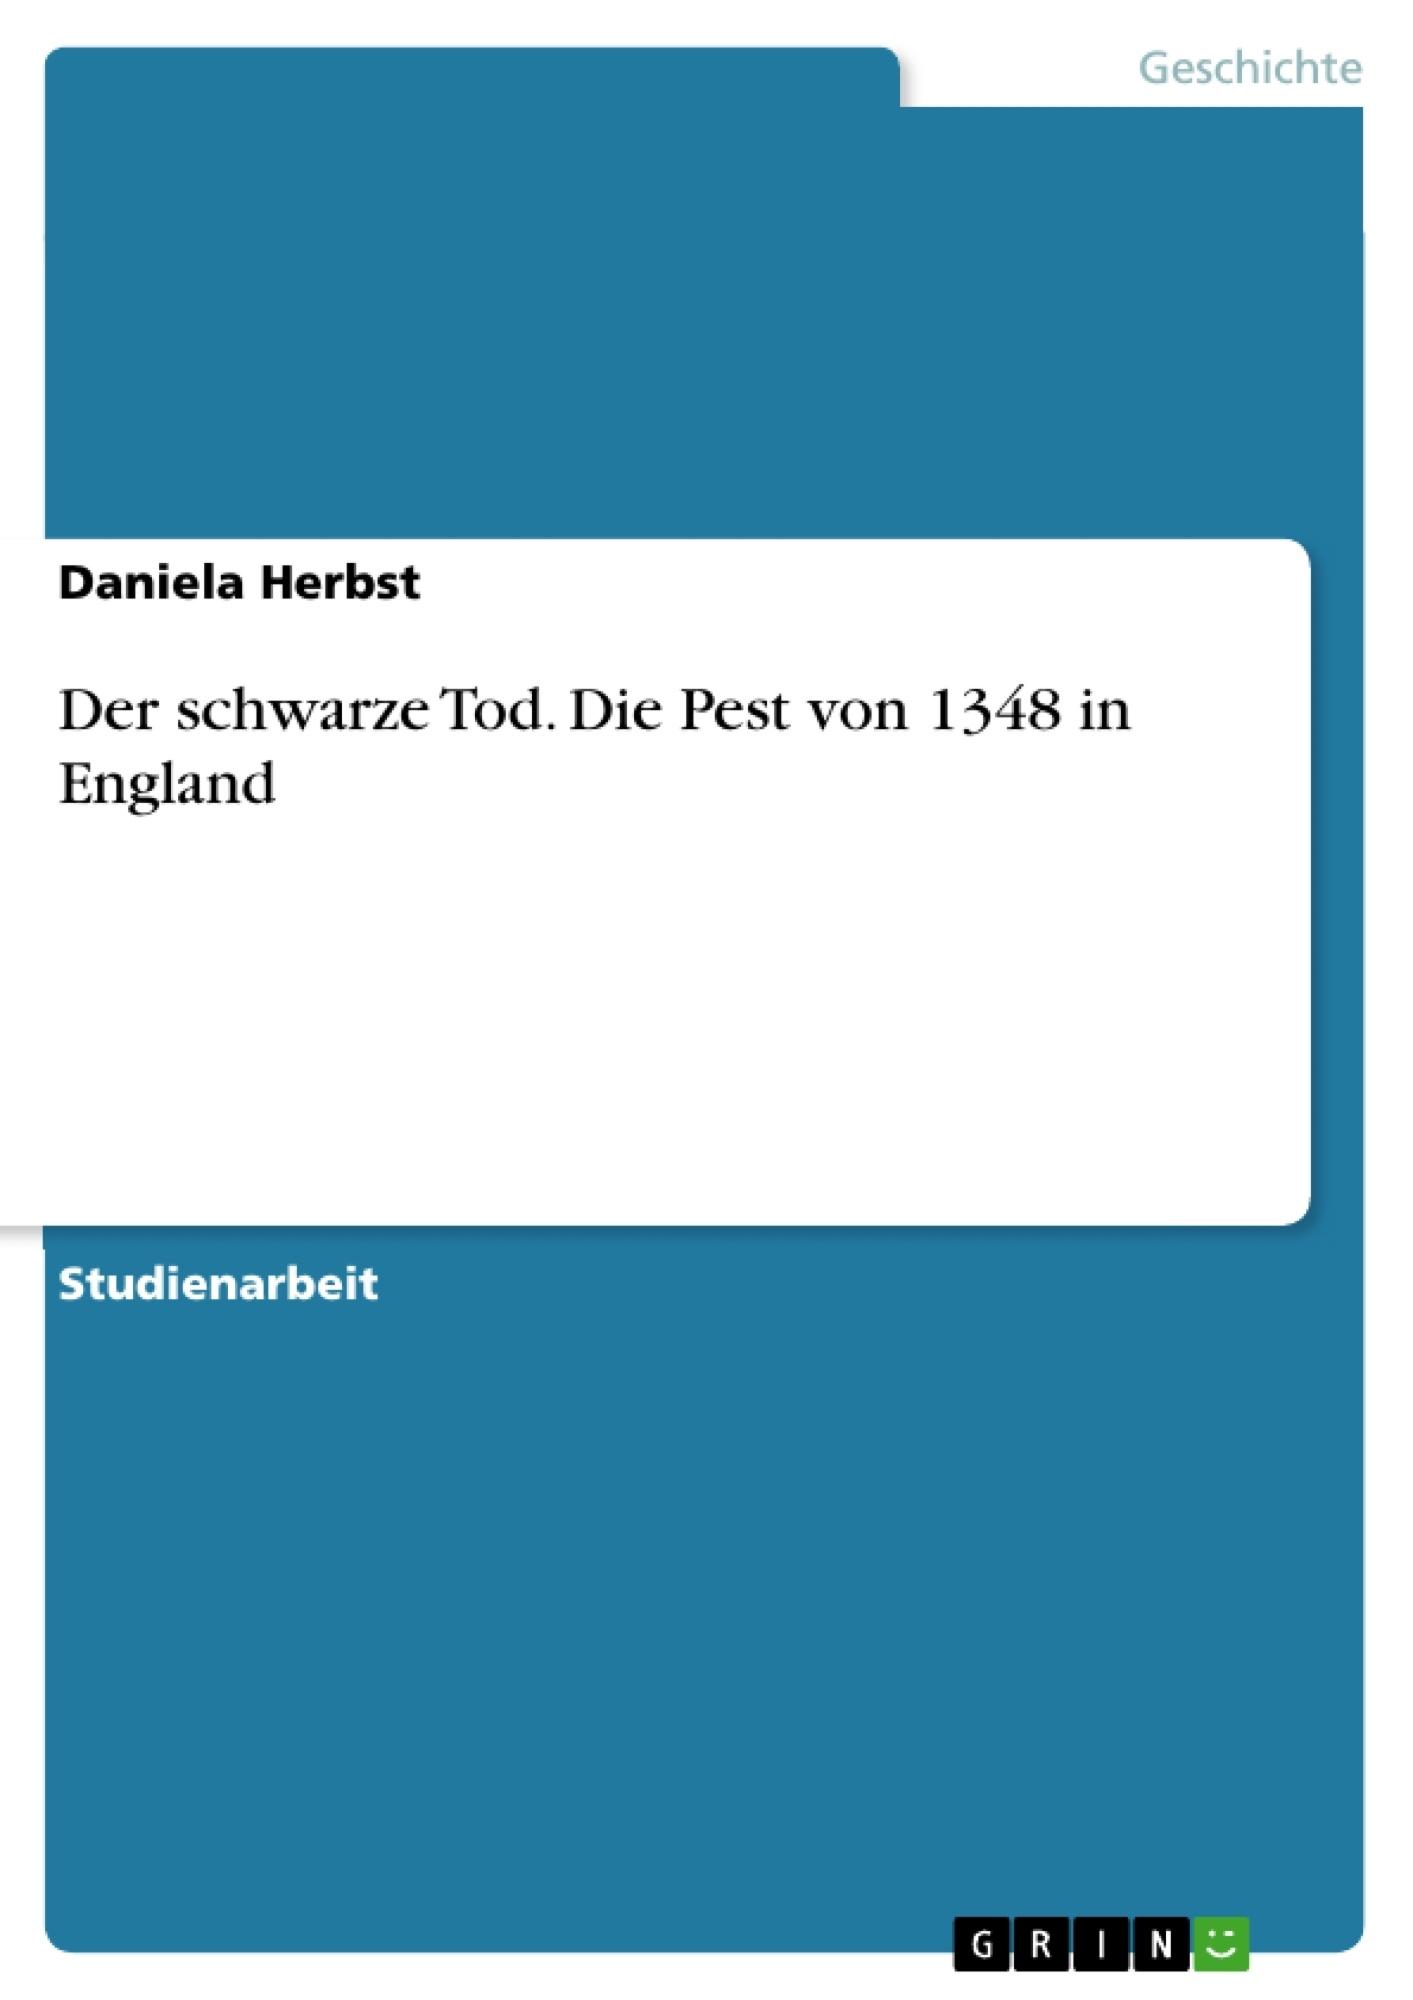 Titel: Der schwarze Tod. Die Pest von 1348 in England